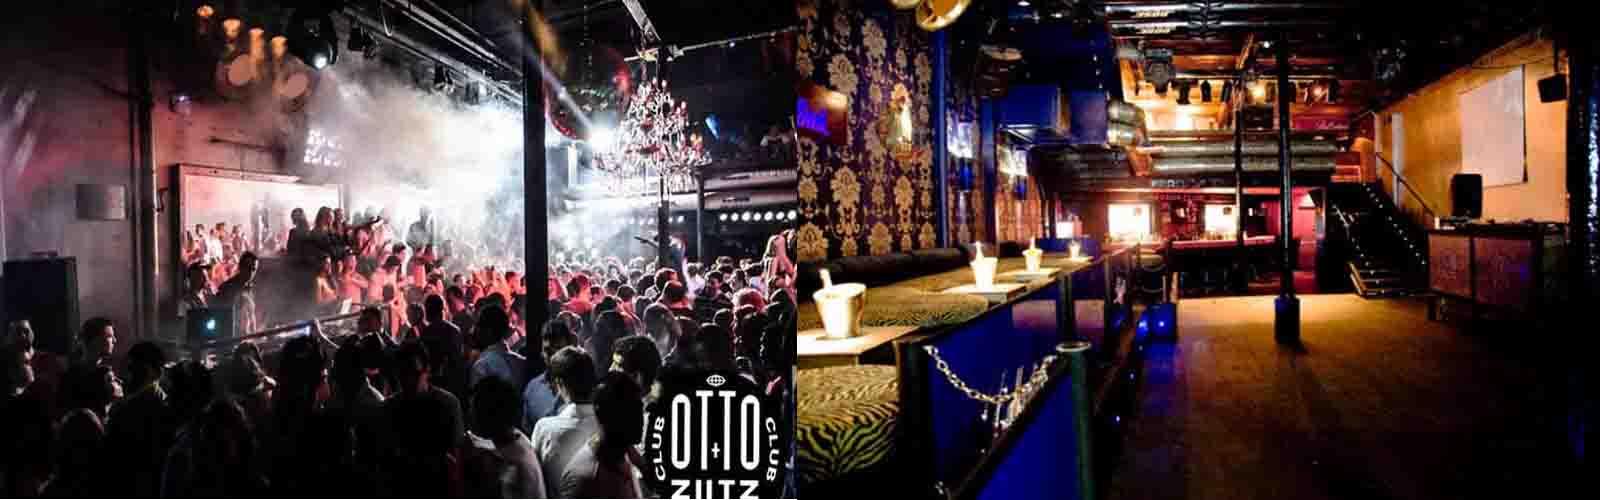 Enjoy great parties at Otto Zutz